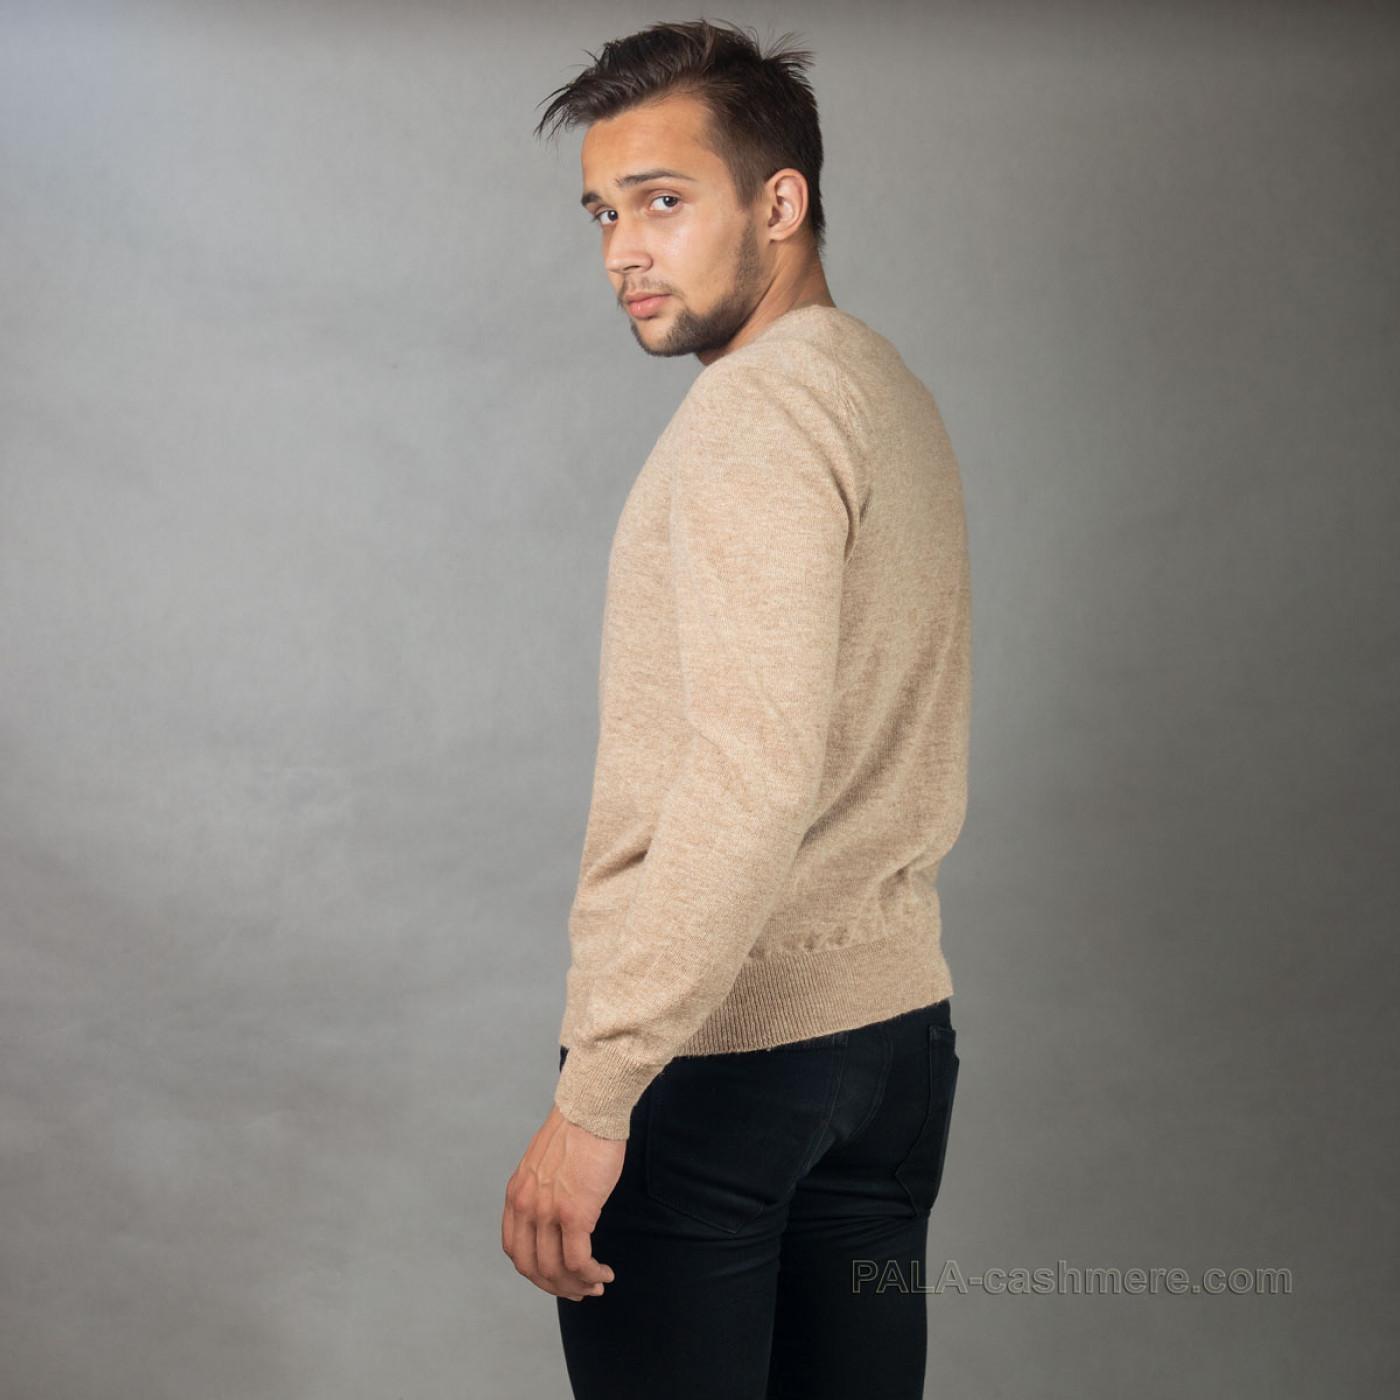 Пуловер из верблюжьей шерсти мужской